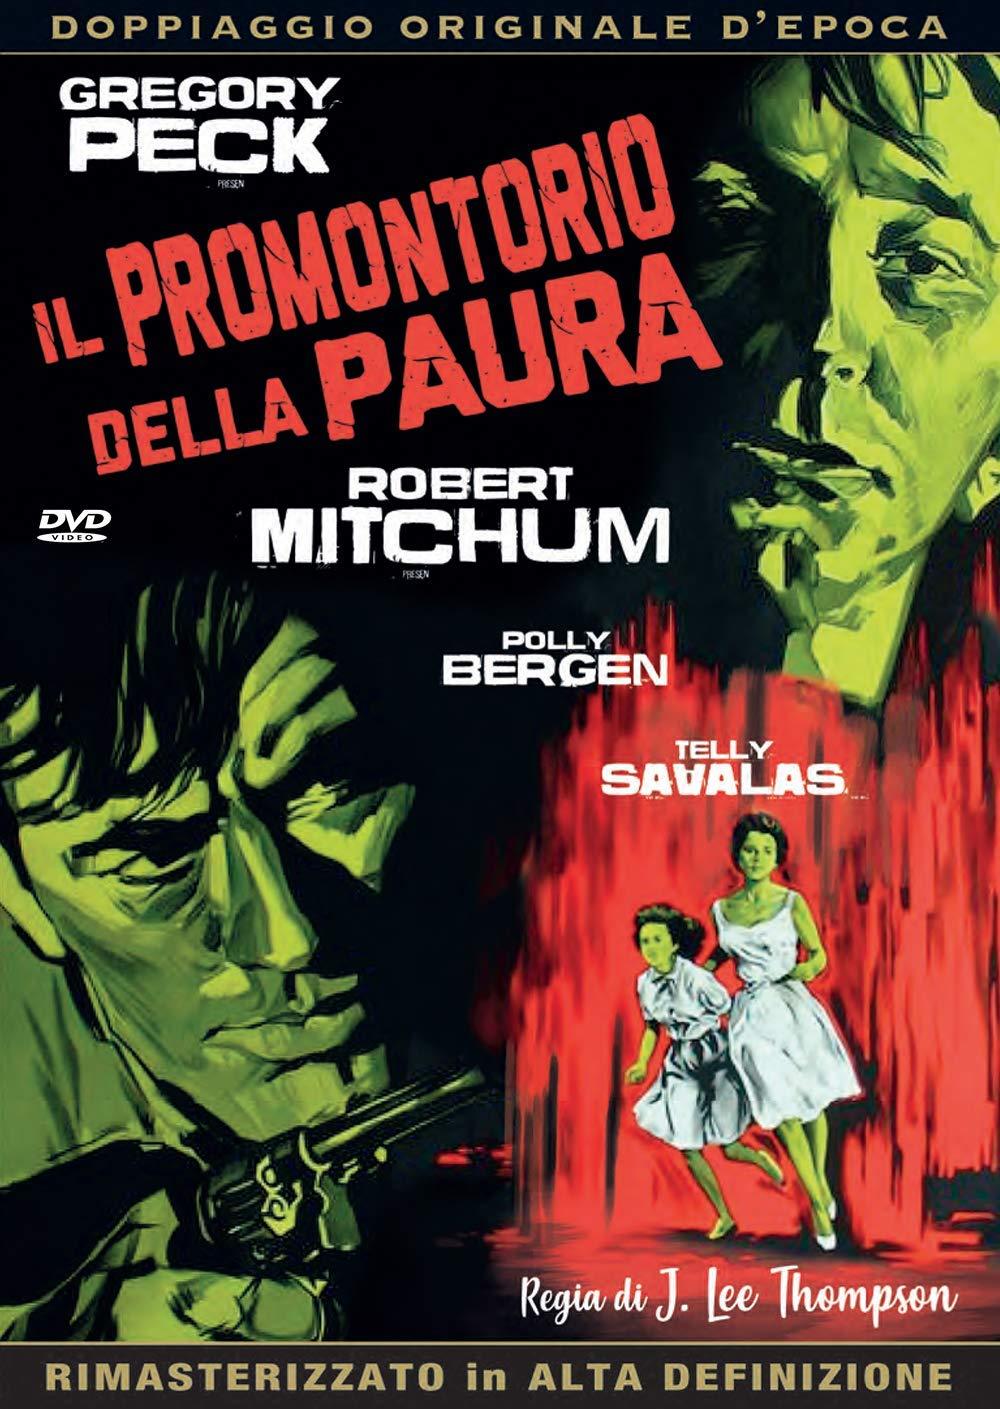 IL PROMONTORIO DELLA PAURA (DVD)